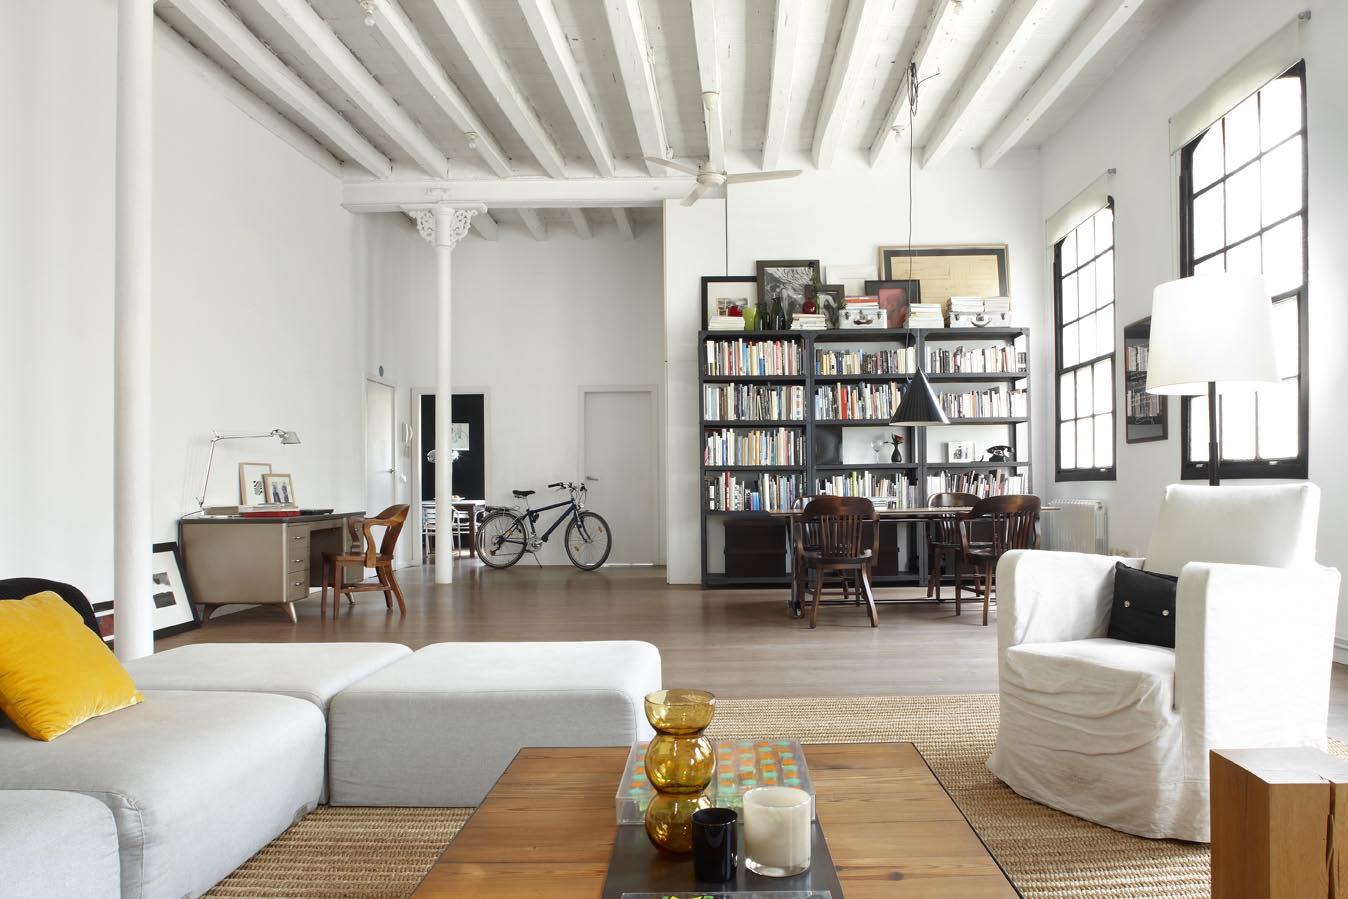 Un aut ntico loft que combina lo moderno con lo industrial for Decoracion clasica moderna interiores